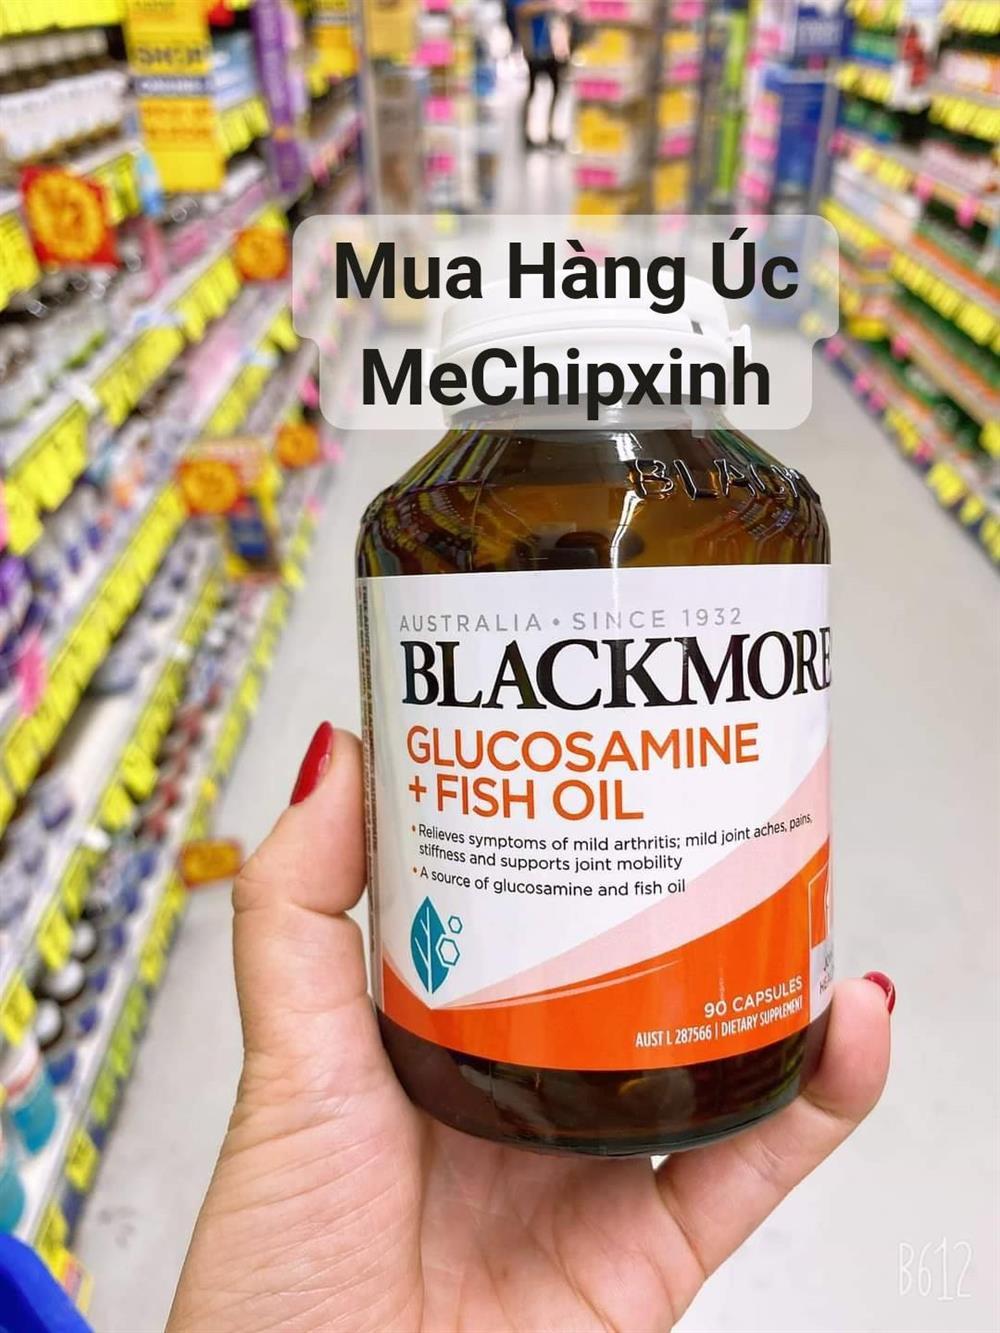 💥☘️ Viên uống kết hợp 2 trong 1 của Blackmores #Glucosamine + #Fish_Oil mẫu mới nhất 💯